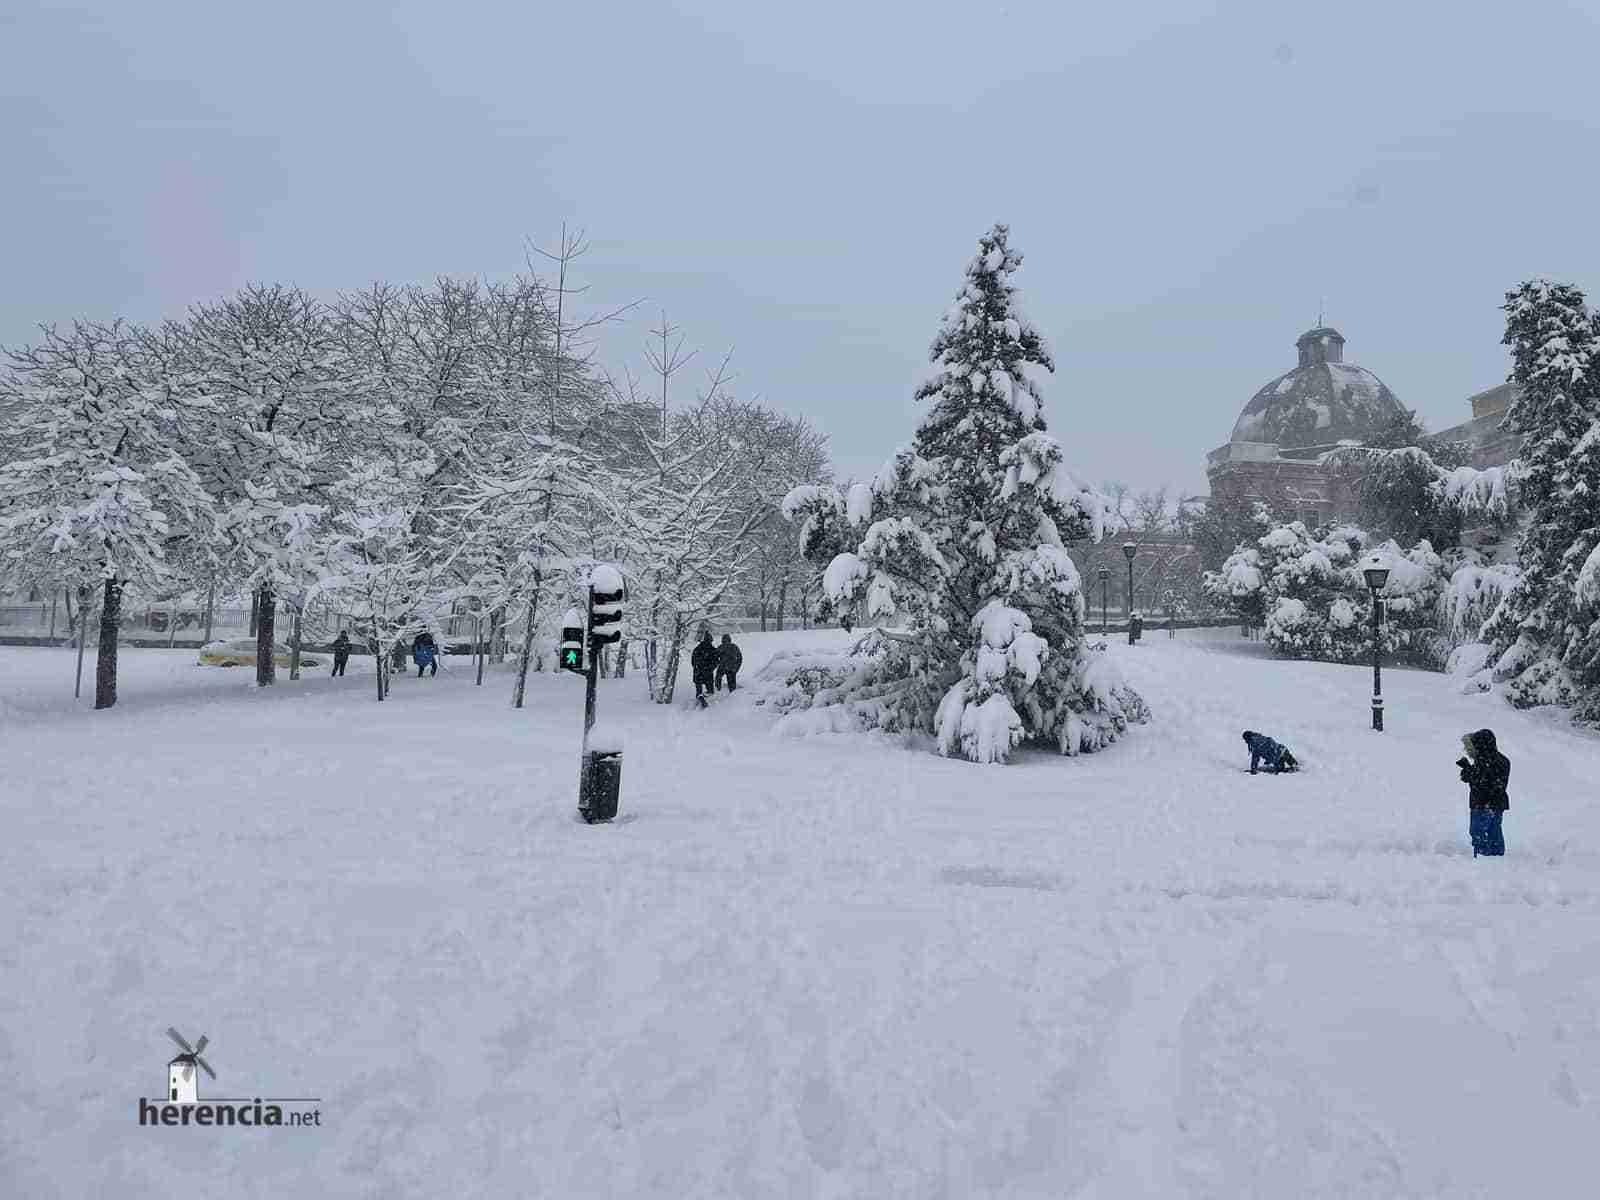 Fotografías de la nevada de enero en Madrid (España) 140